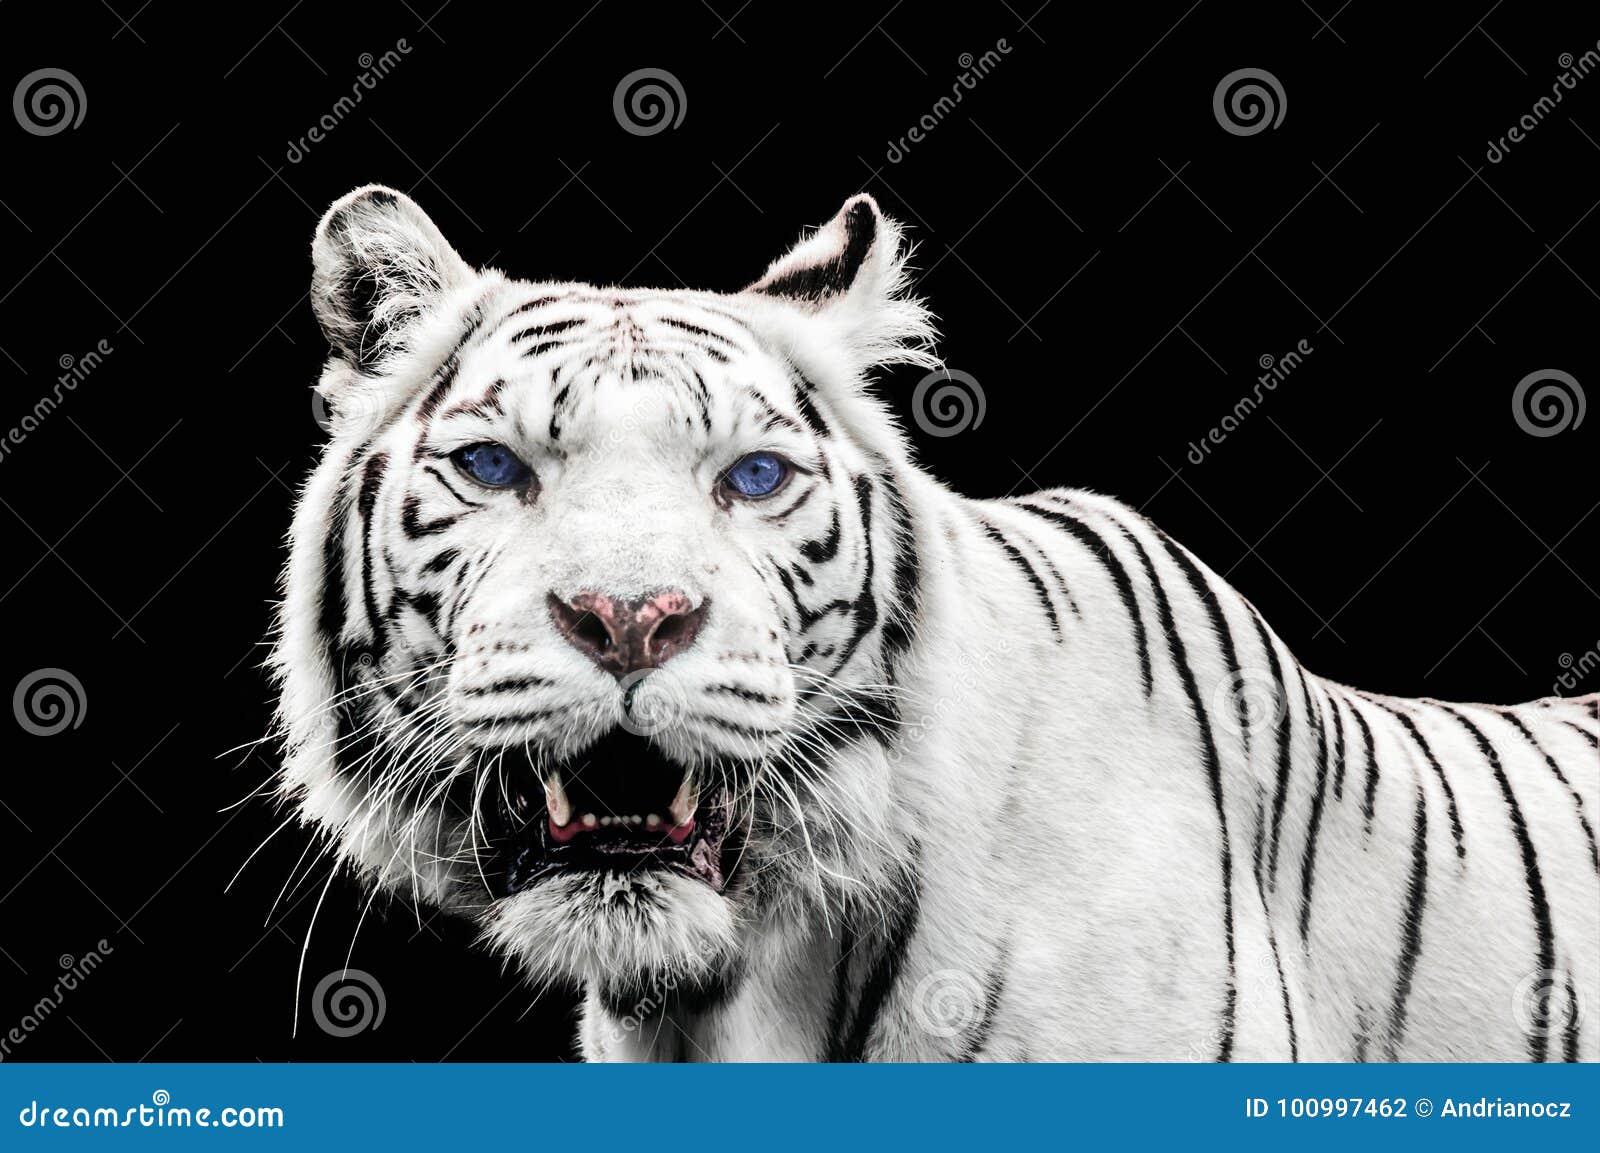 Immagini di tigre bianca u2013 migliori pagine da colorare